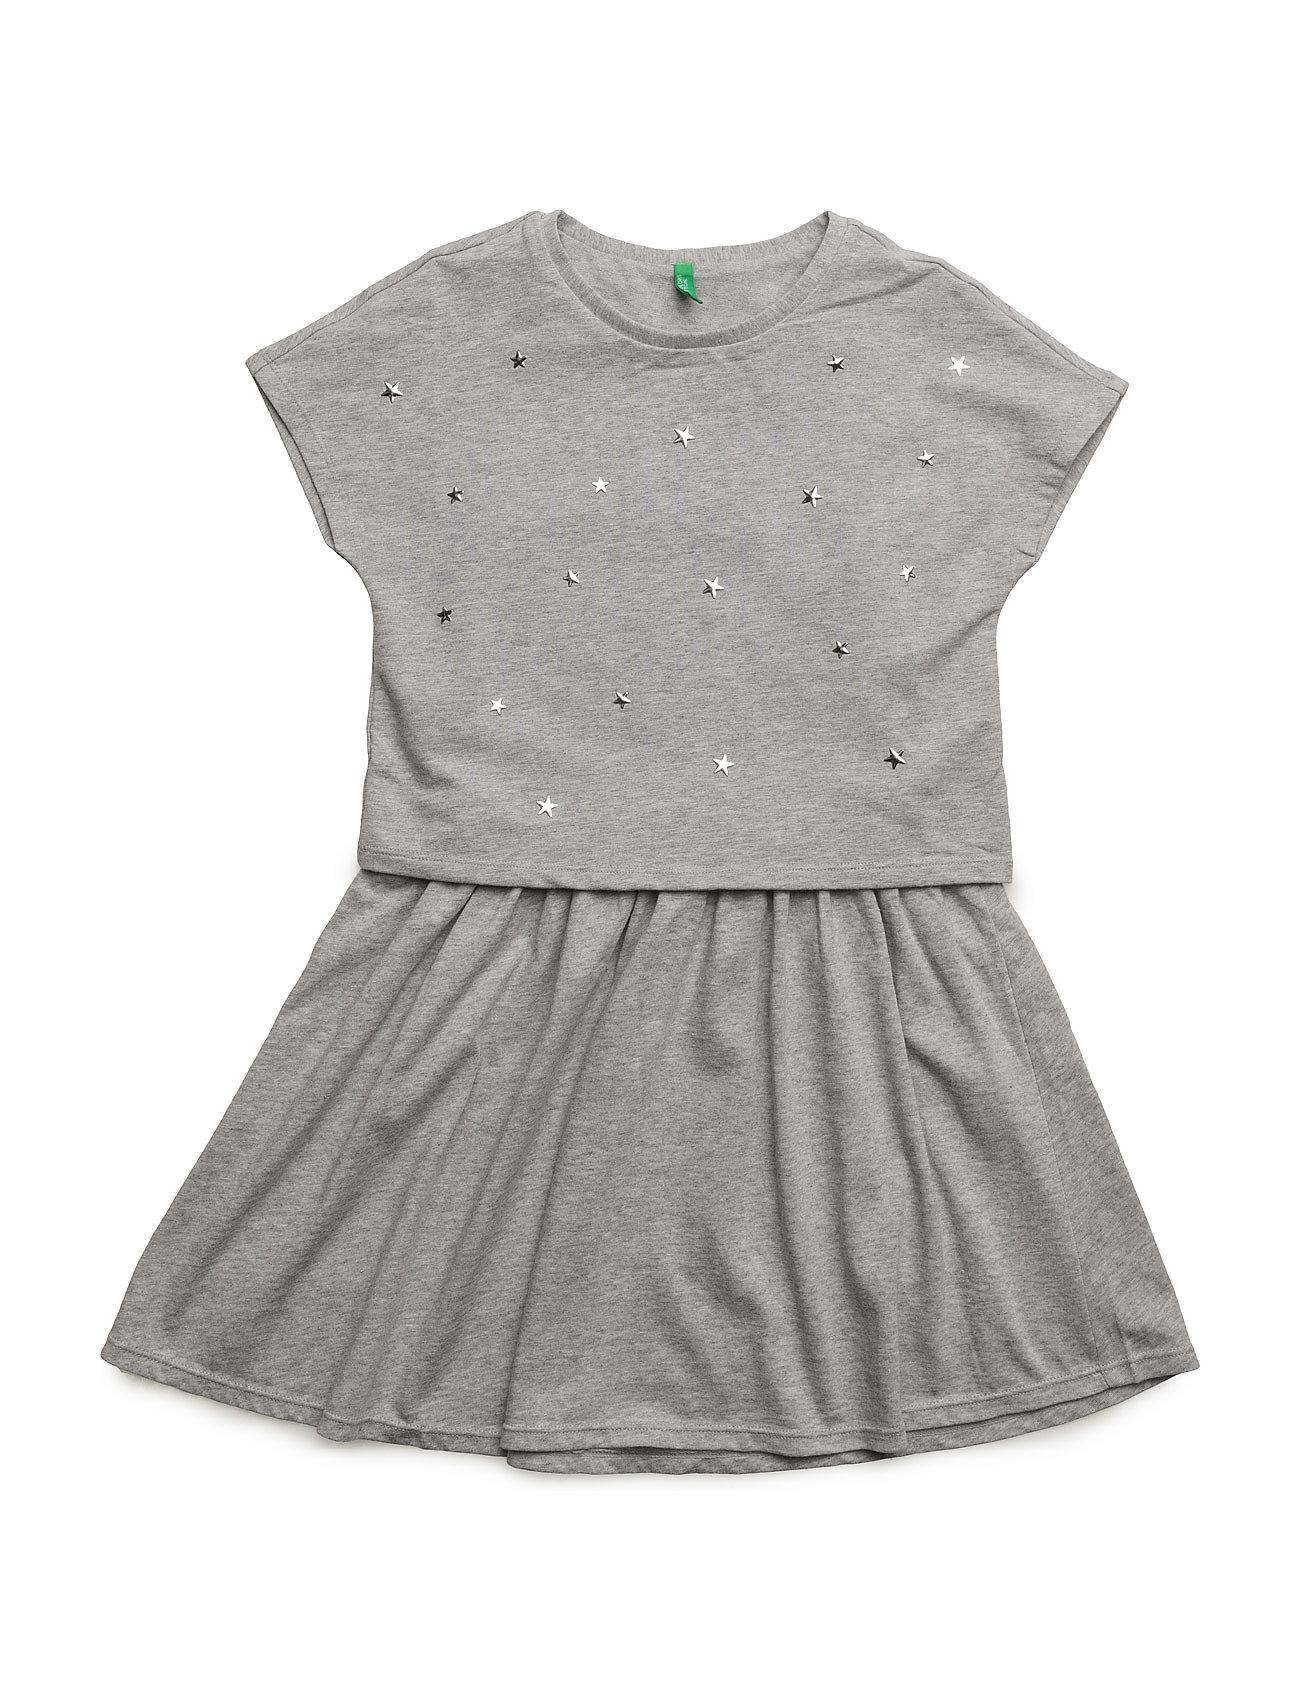 Dress United Colors of Benetton Kjoler til Børn i